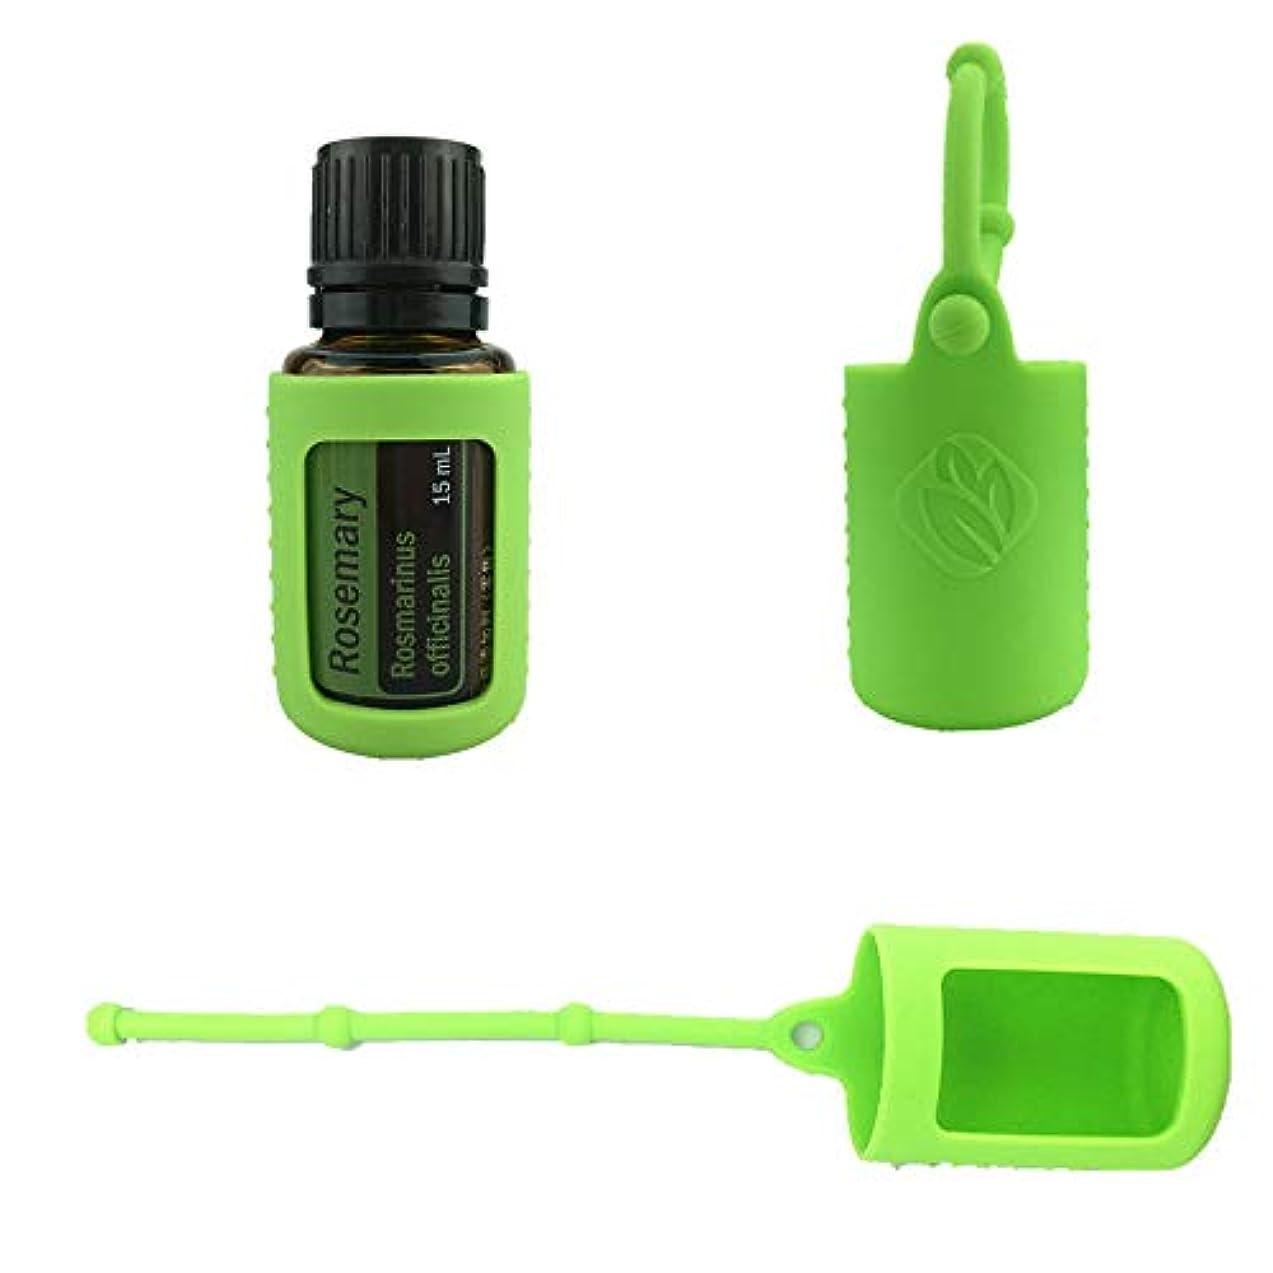 統合軽減コロニー6パック熱望オイルボトルシリコンローラーボトルホルダースリーブエッセンシャルオイルボトル保護カバーケースハングロープ - グリーン - 6-pcs 15ml